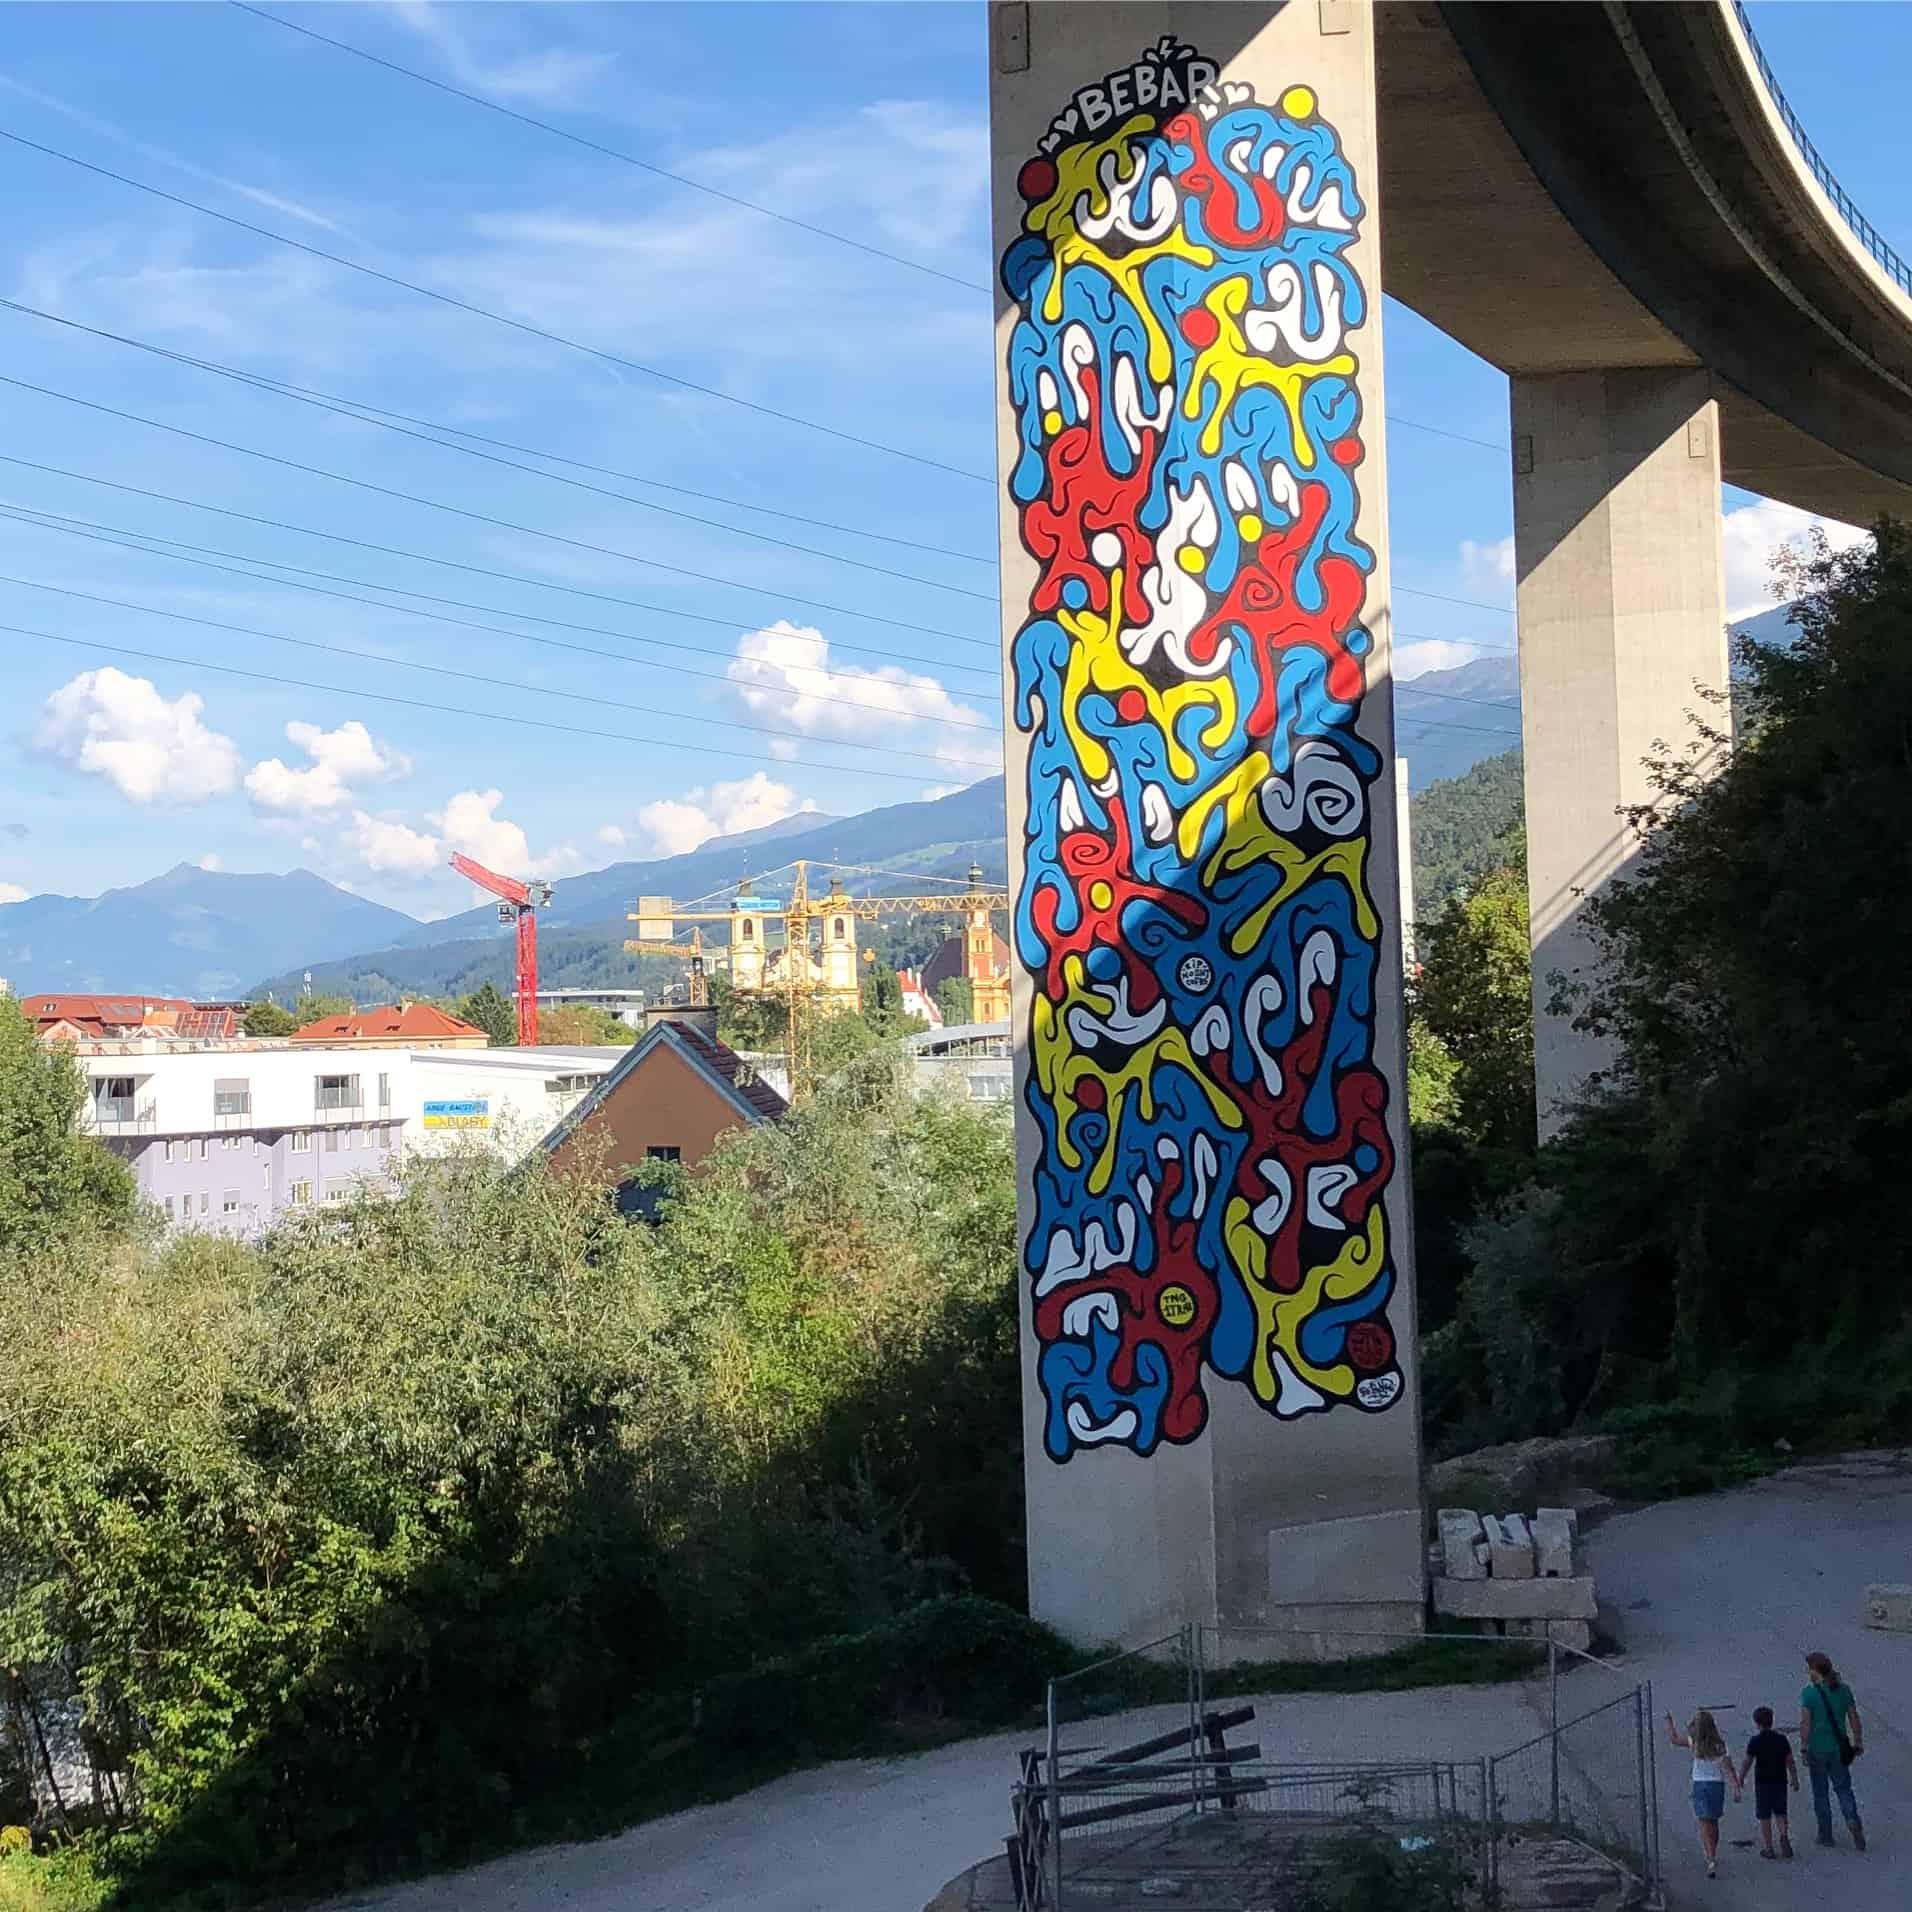 Bebar Innsbruck Autriche